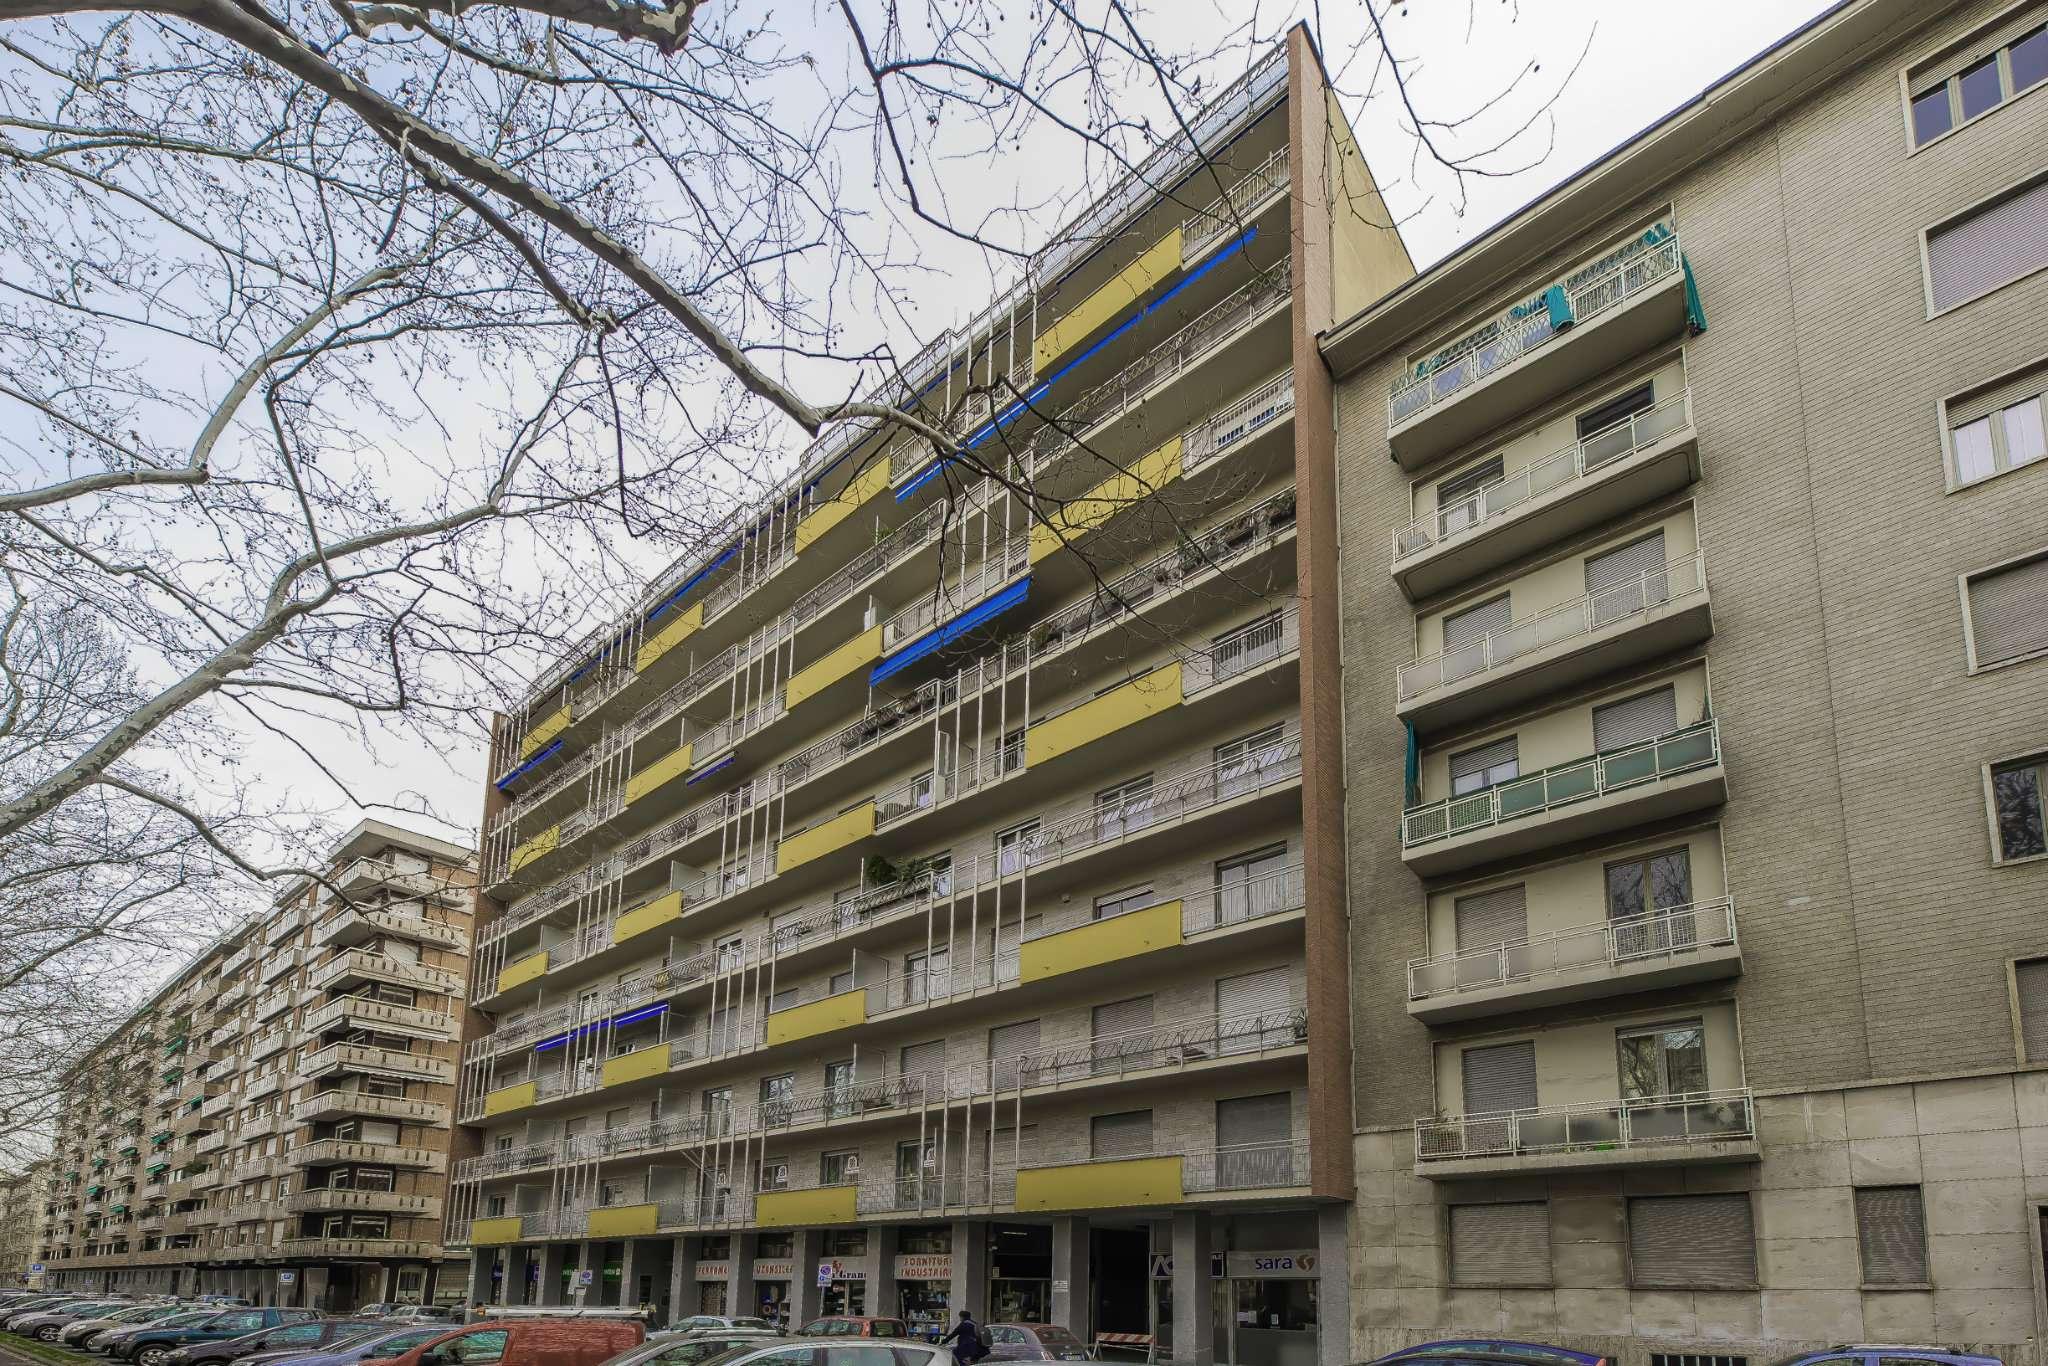 Appartamento in vendita Zona Crocetta, San Secondo - corso Duca degli Abruzzi 79 Torino